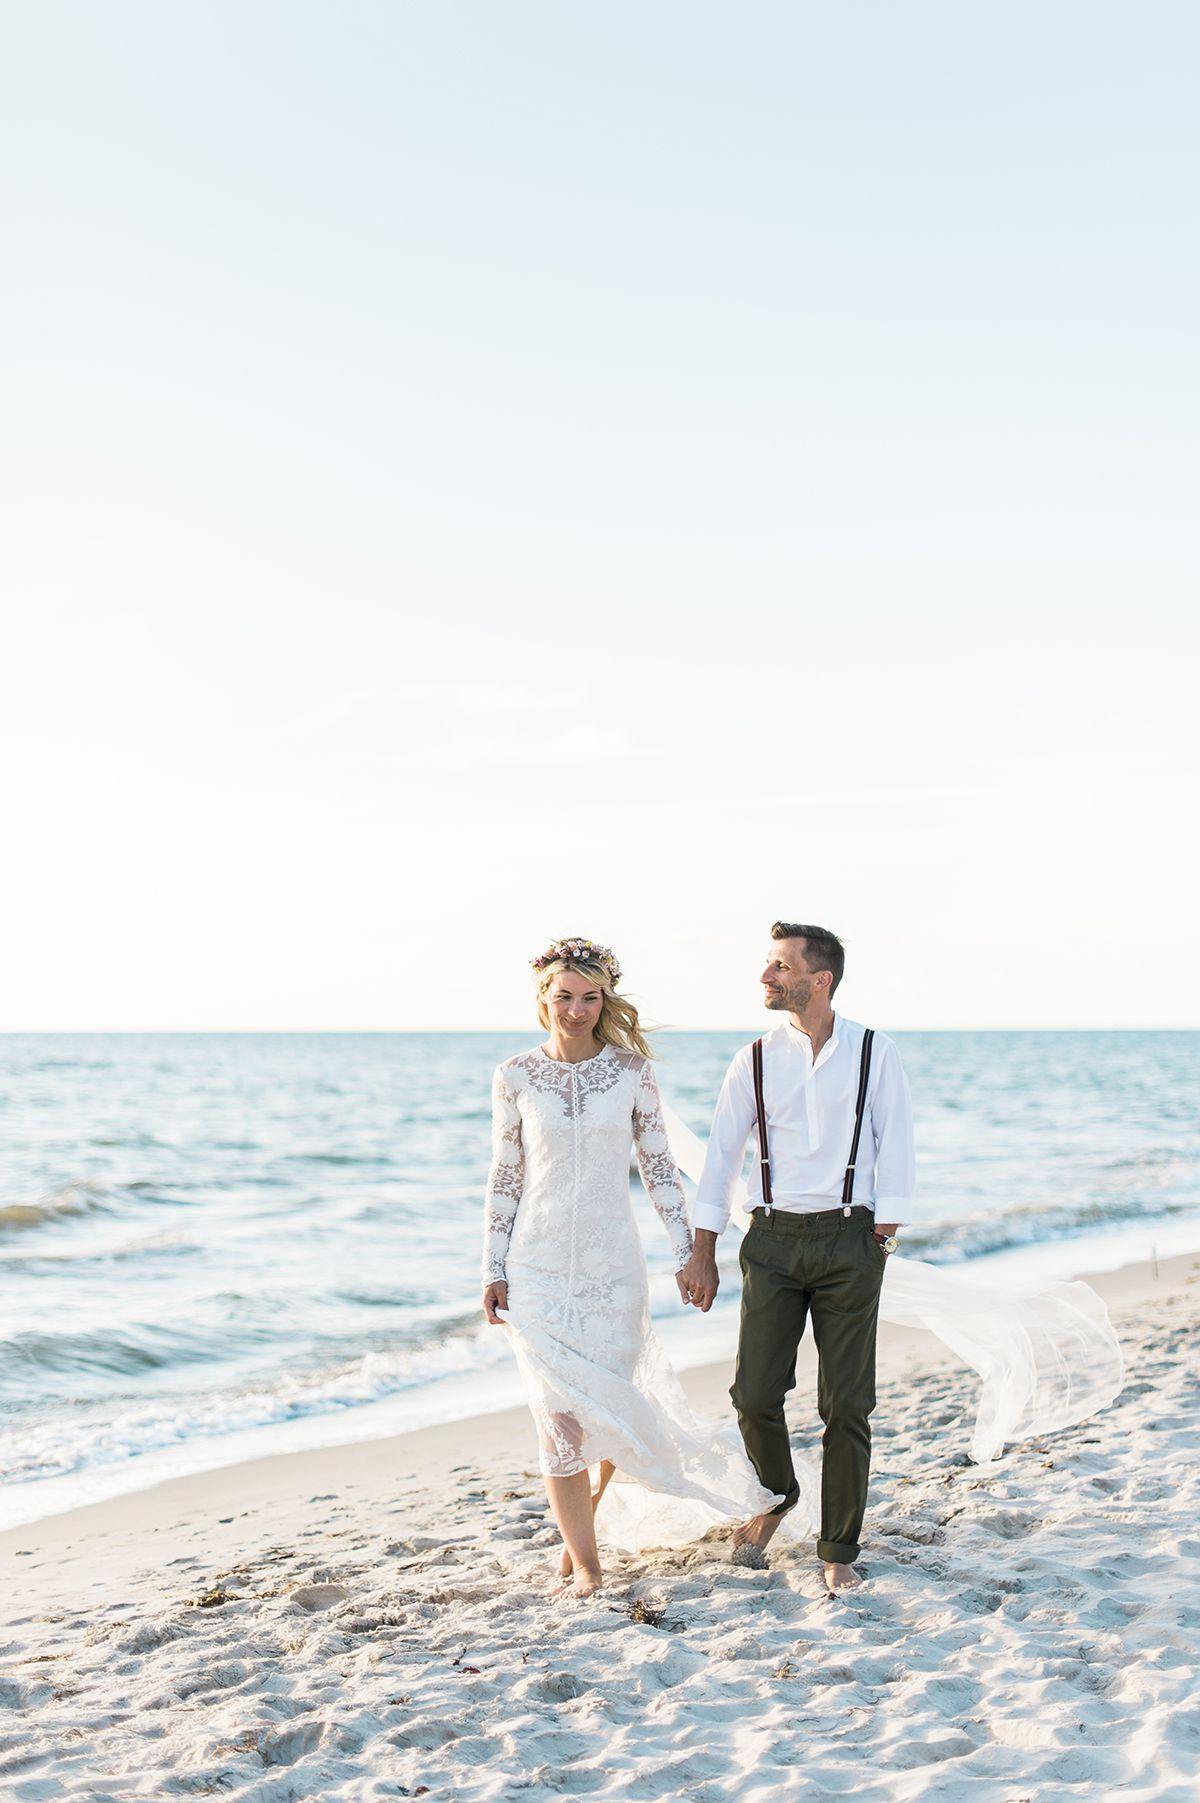 Die Hochzeitsfotografen Angelika Und Artur Ostsee Elopement Im Boho Stil Lieschen Heiratet Hochzeitsfoto Strand Fotos Hochzeit Hochzeit Fotografieren